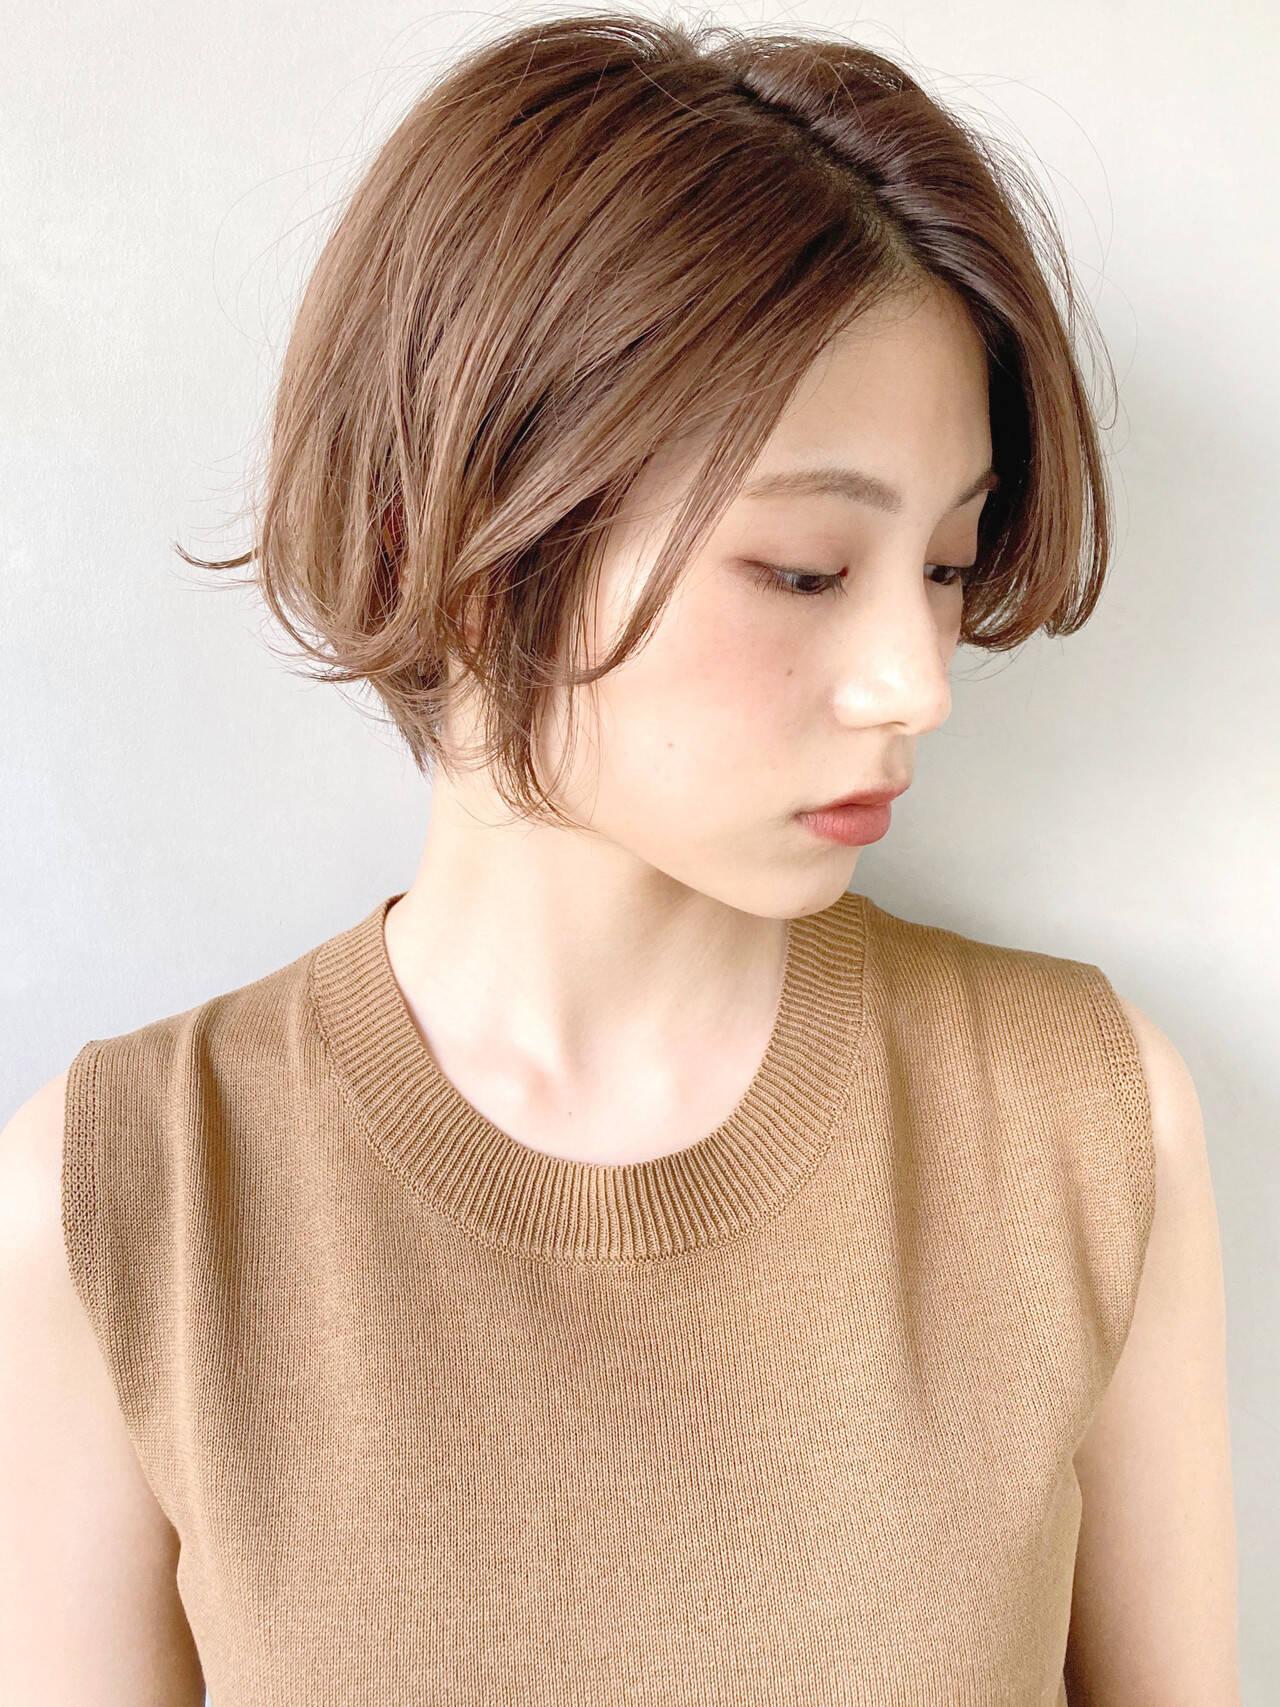 ラベンダーアッシュ デジタルパーマ 大人ロング ミルクティーブラウンヘアスタイルや髪型の写真・画像